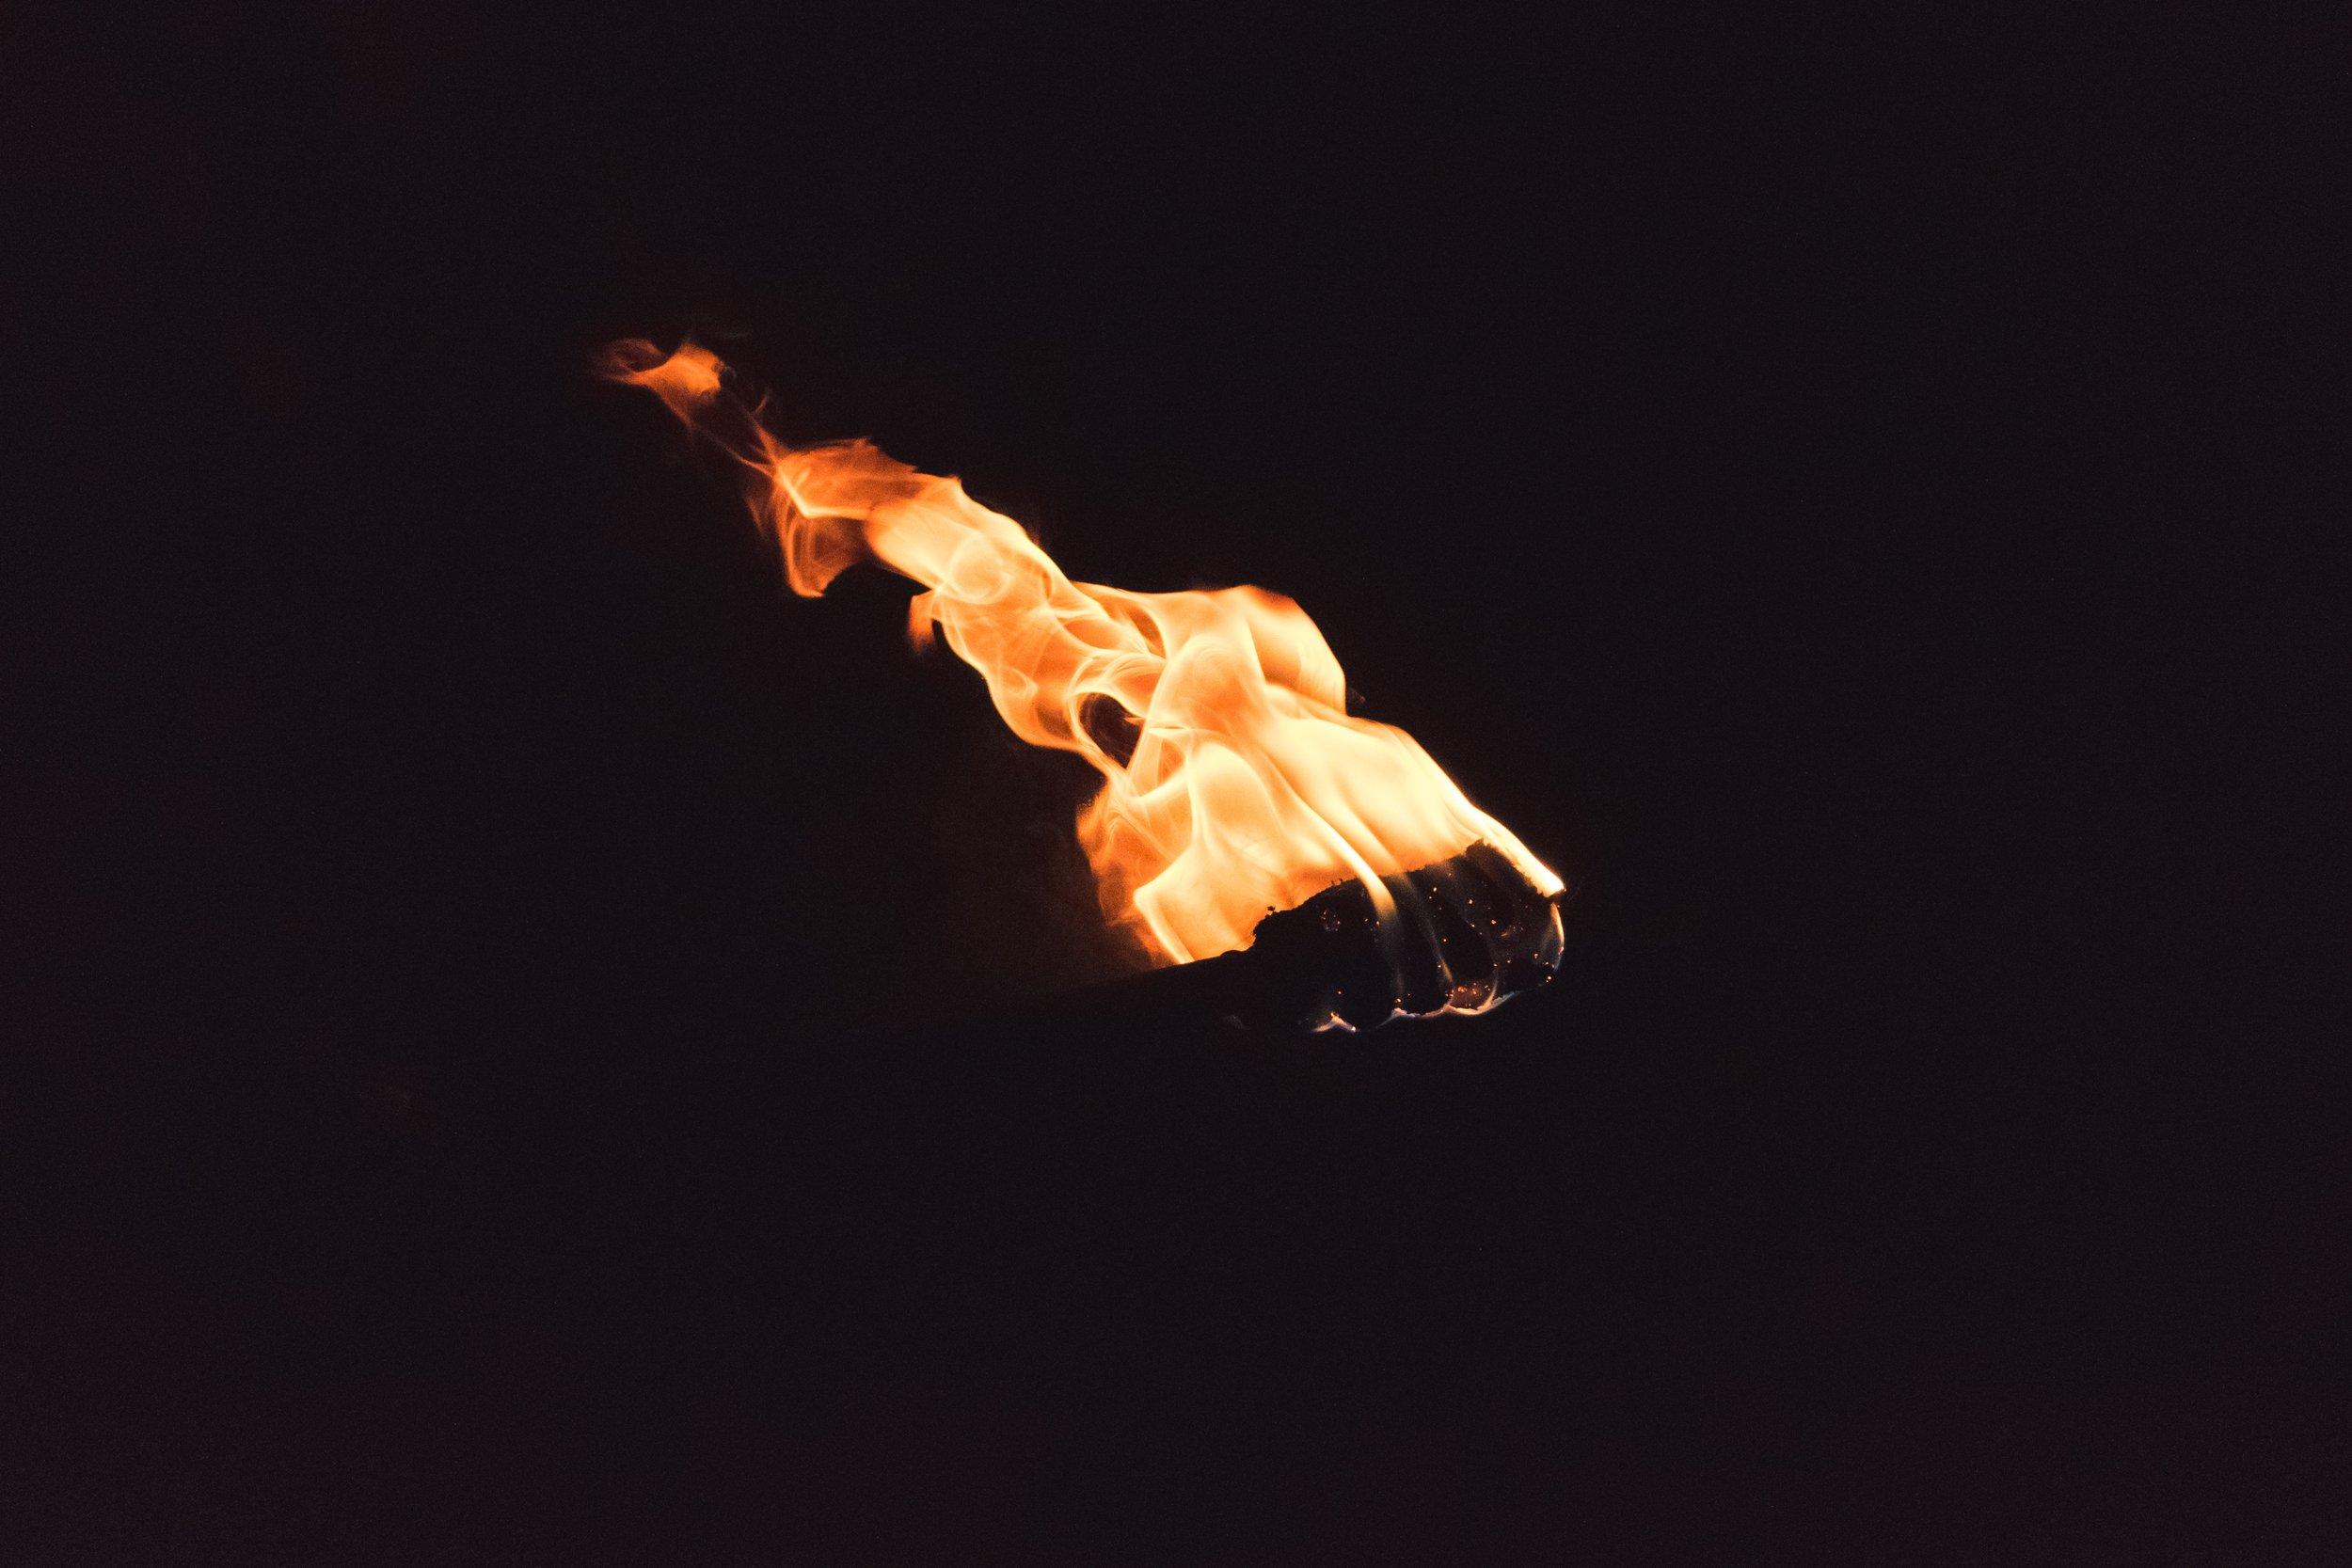 fire_9.jpg